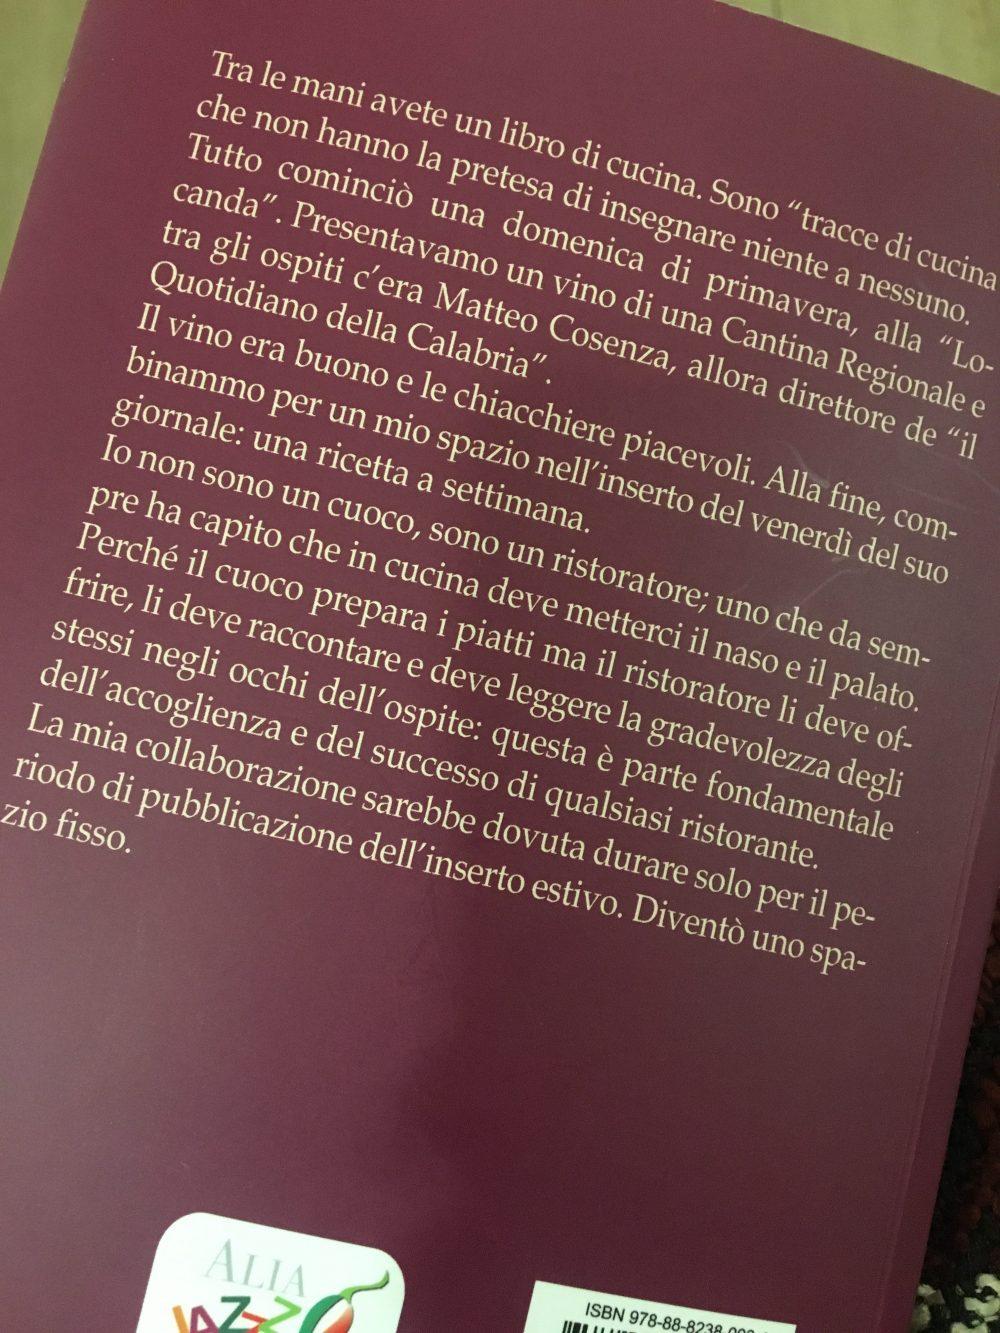 Tracce di cucina di Calabria, il libro di Pinuccio Alia